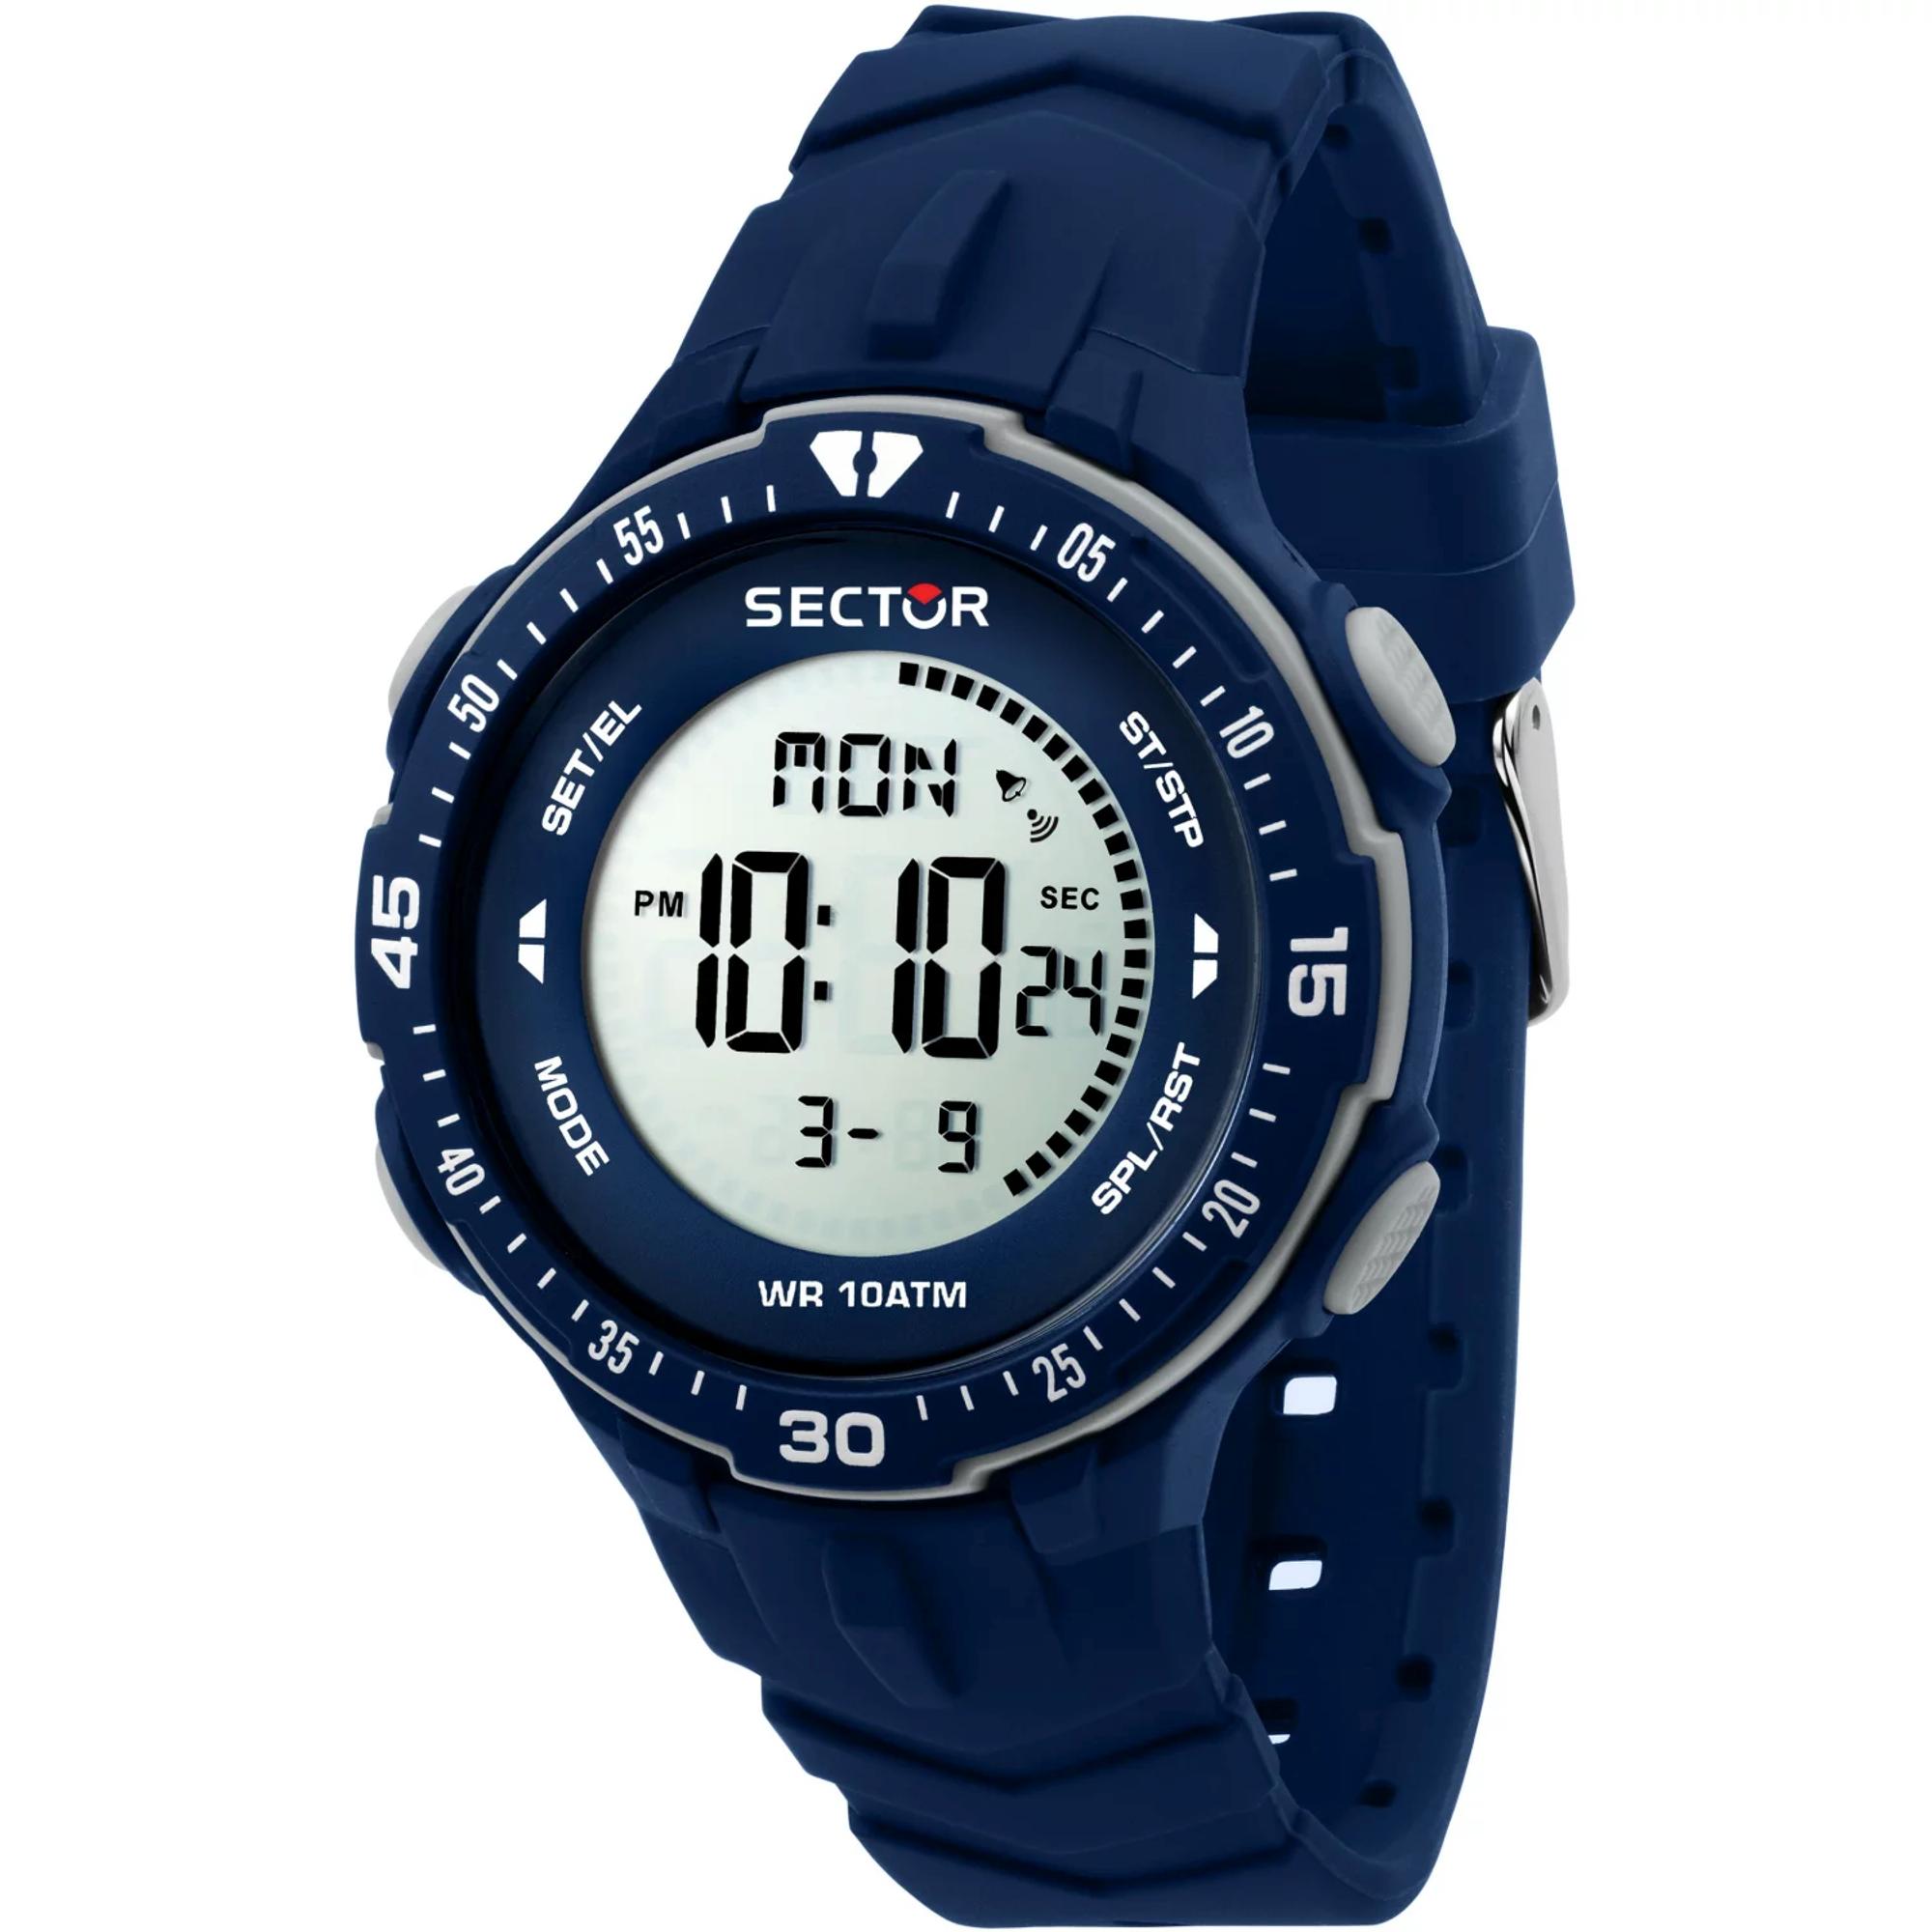 SECTOR EX-26 Digital Chronograph R3251280002